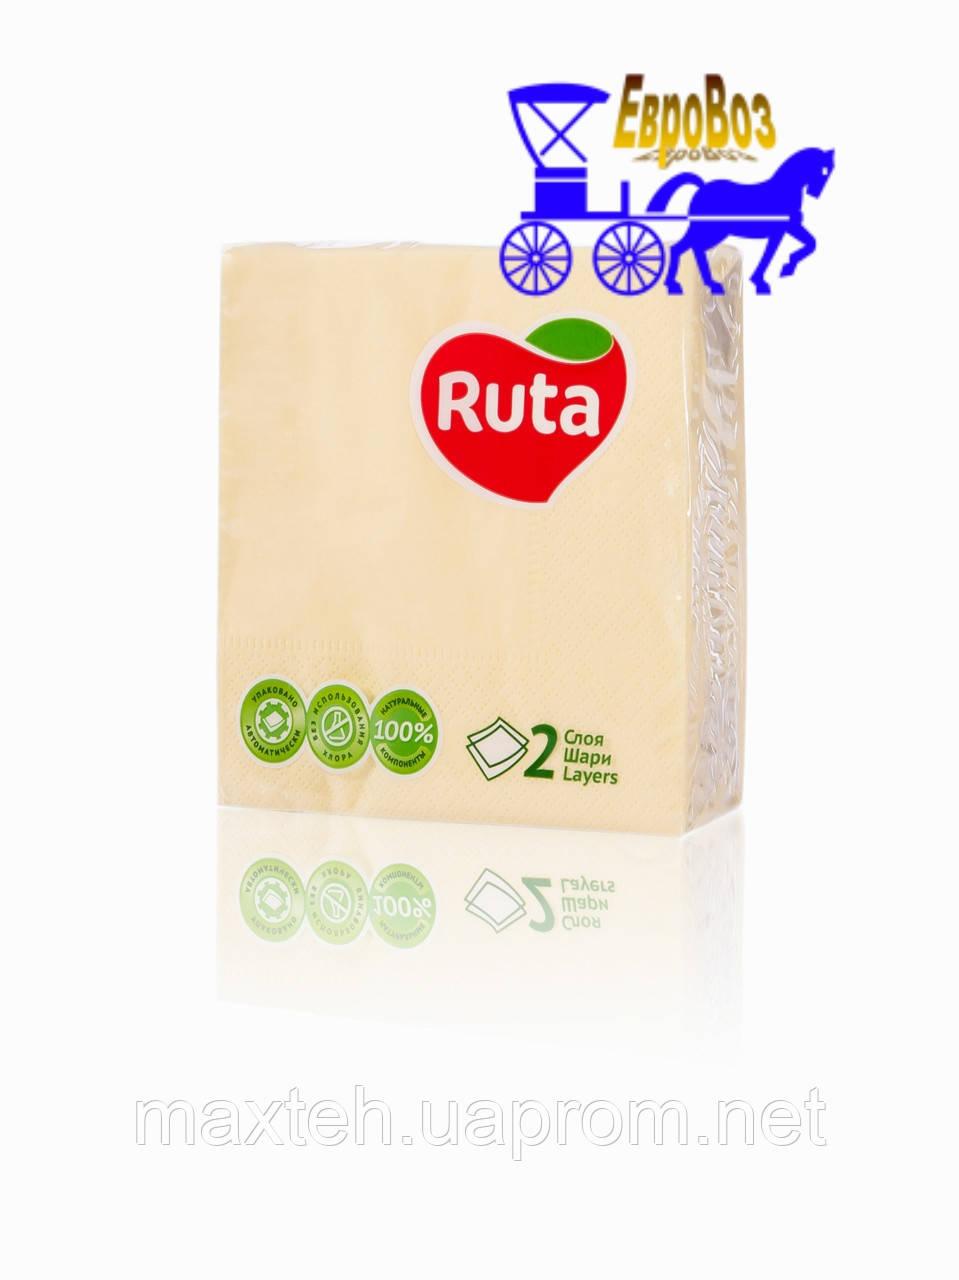 Салфетки RUTA Double Luxe 40 листов двухслойные 24х24 желтые